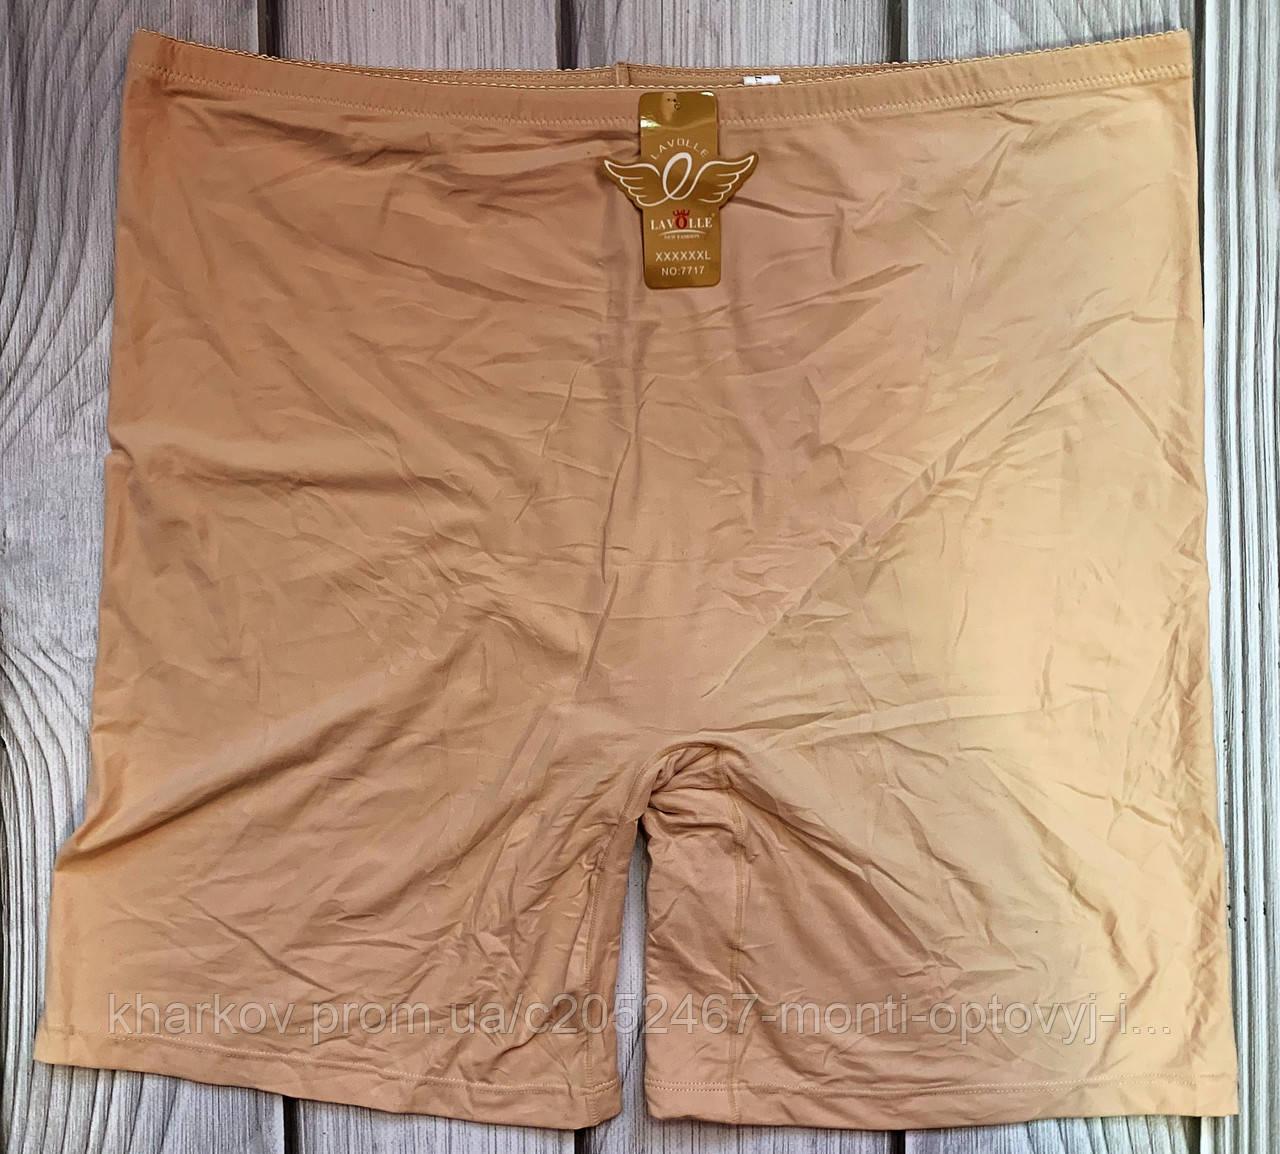 Интернет магазины женского белья панталоны vitek vt 1390 массажер